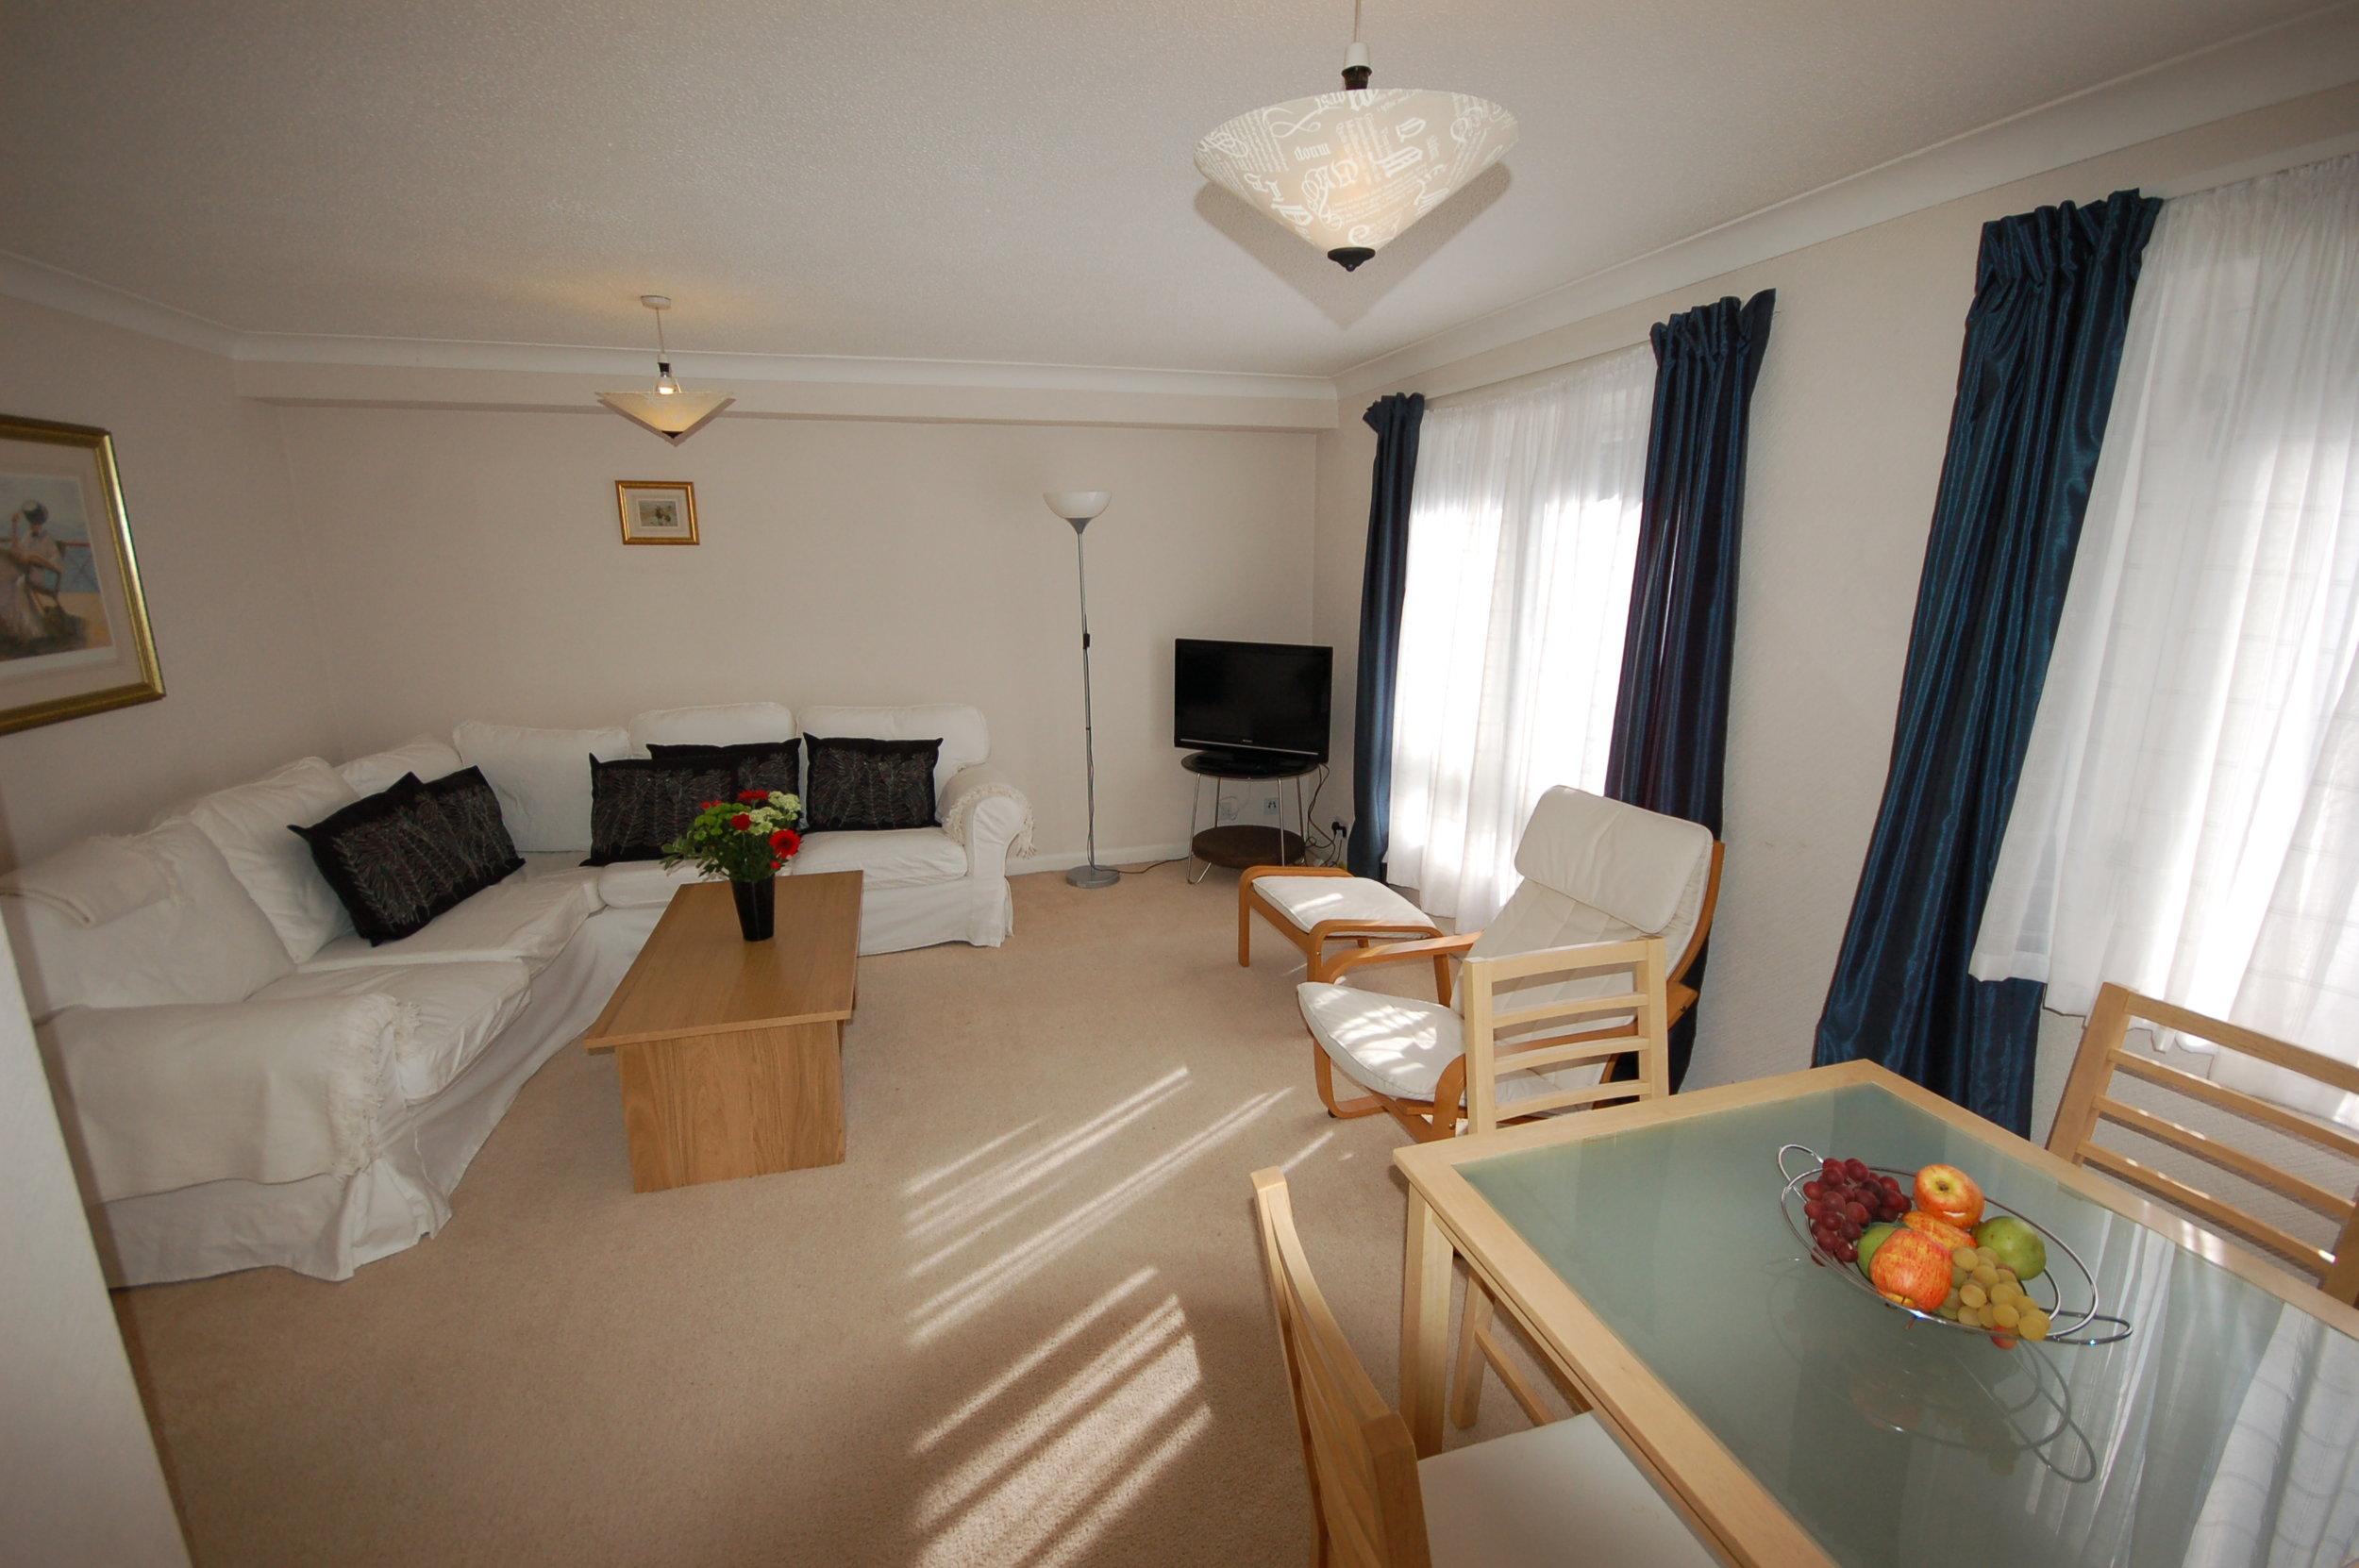 livingroom1_5800296554_o.jpg